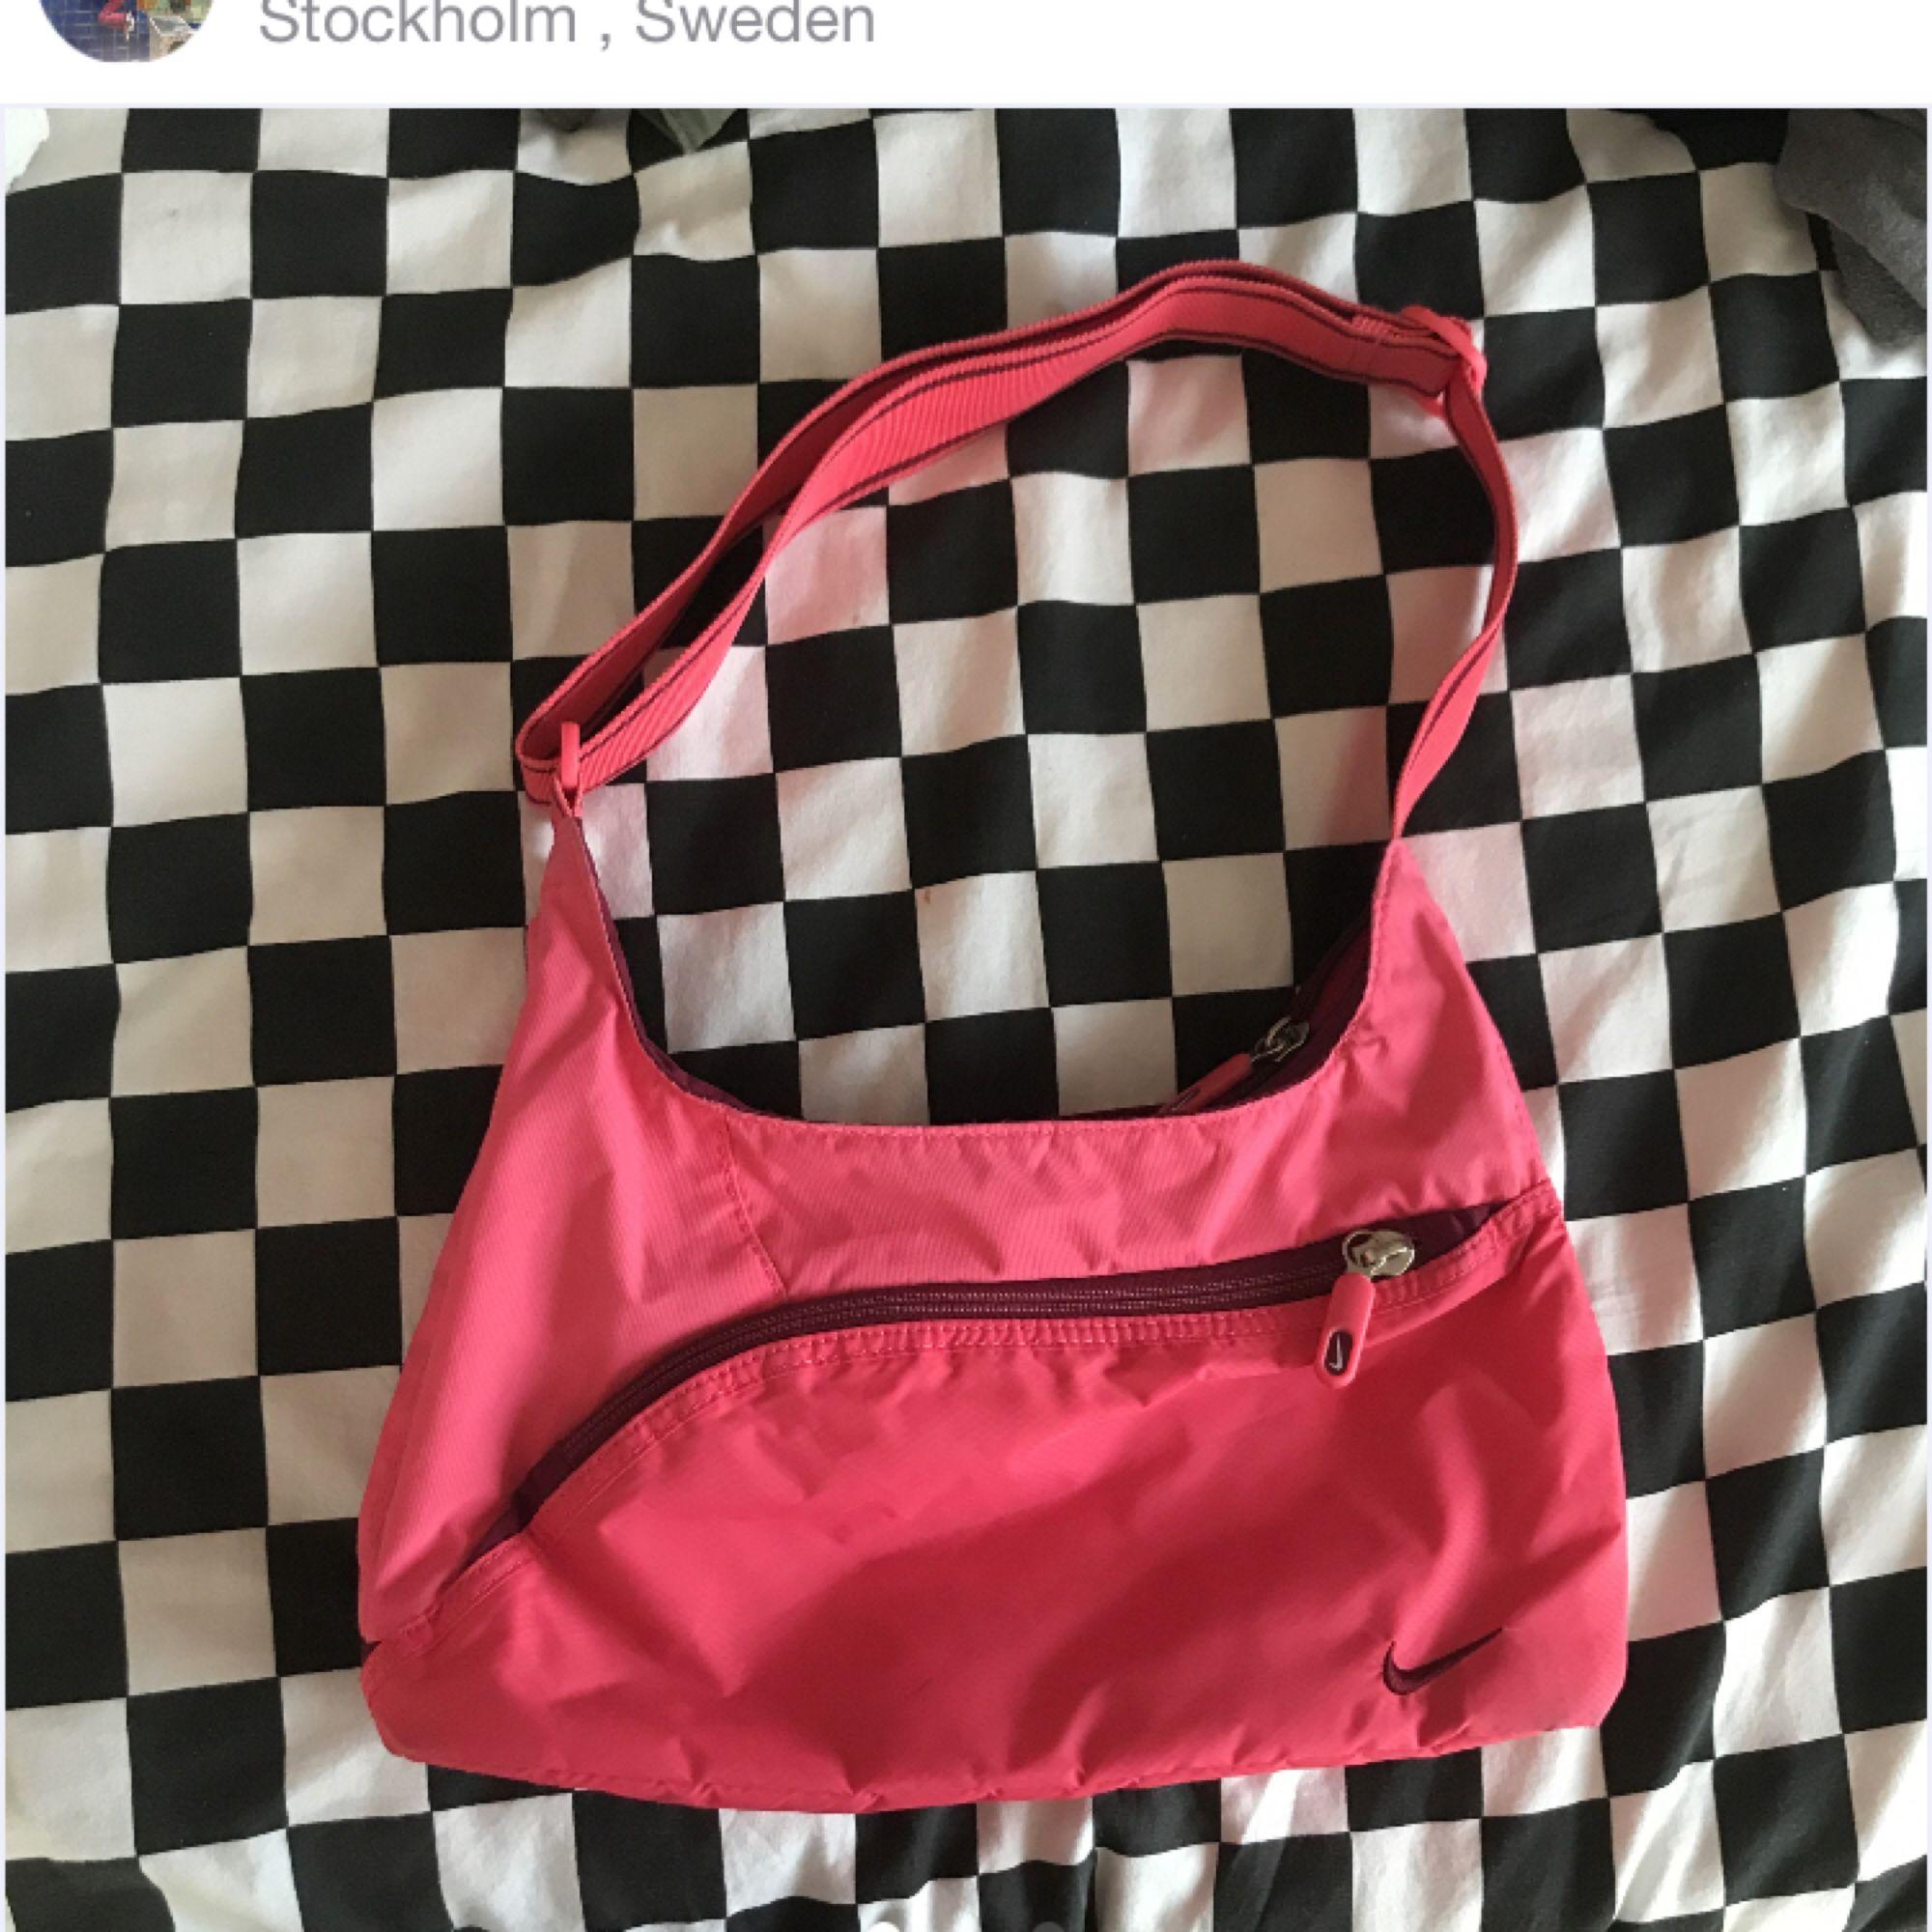 Snygg Nike väska från 90 talet oanvänd och i mycket bra skick! Går att justera remmen. Möts upp i Stockholm fraktar ej.. Huvtröjor & Träningströjor.